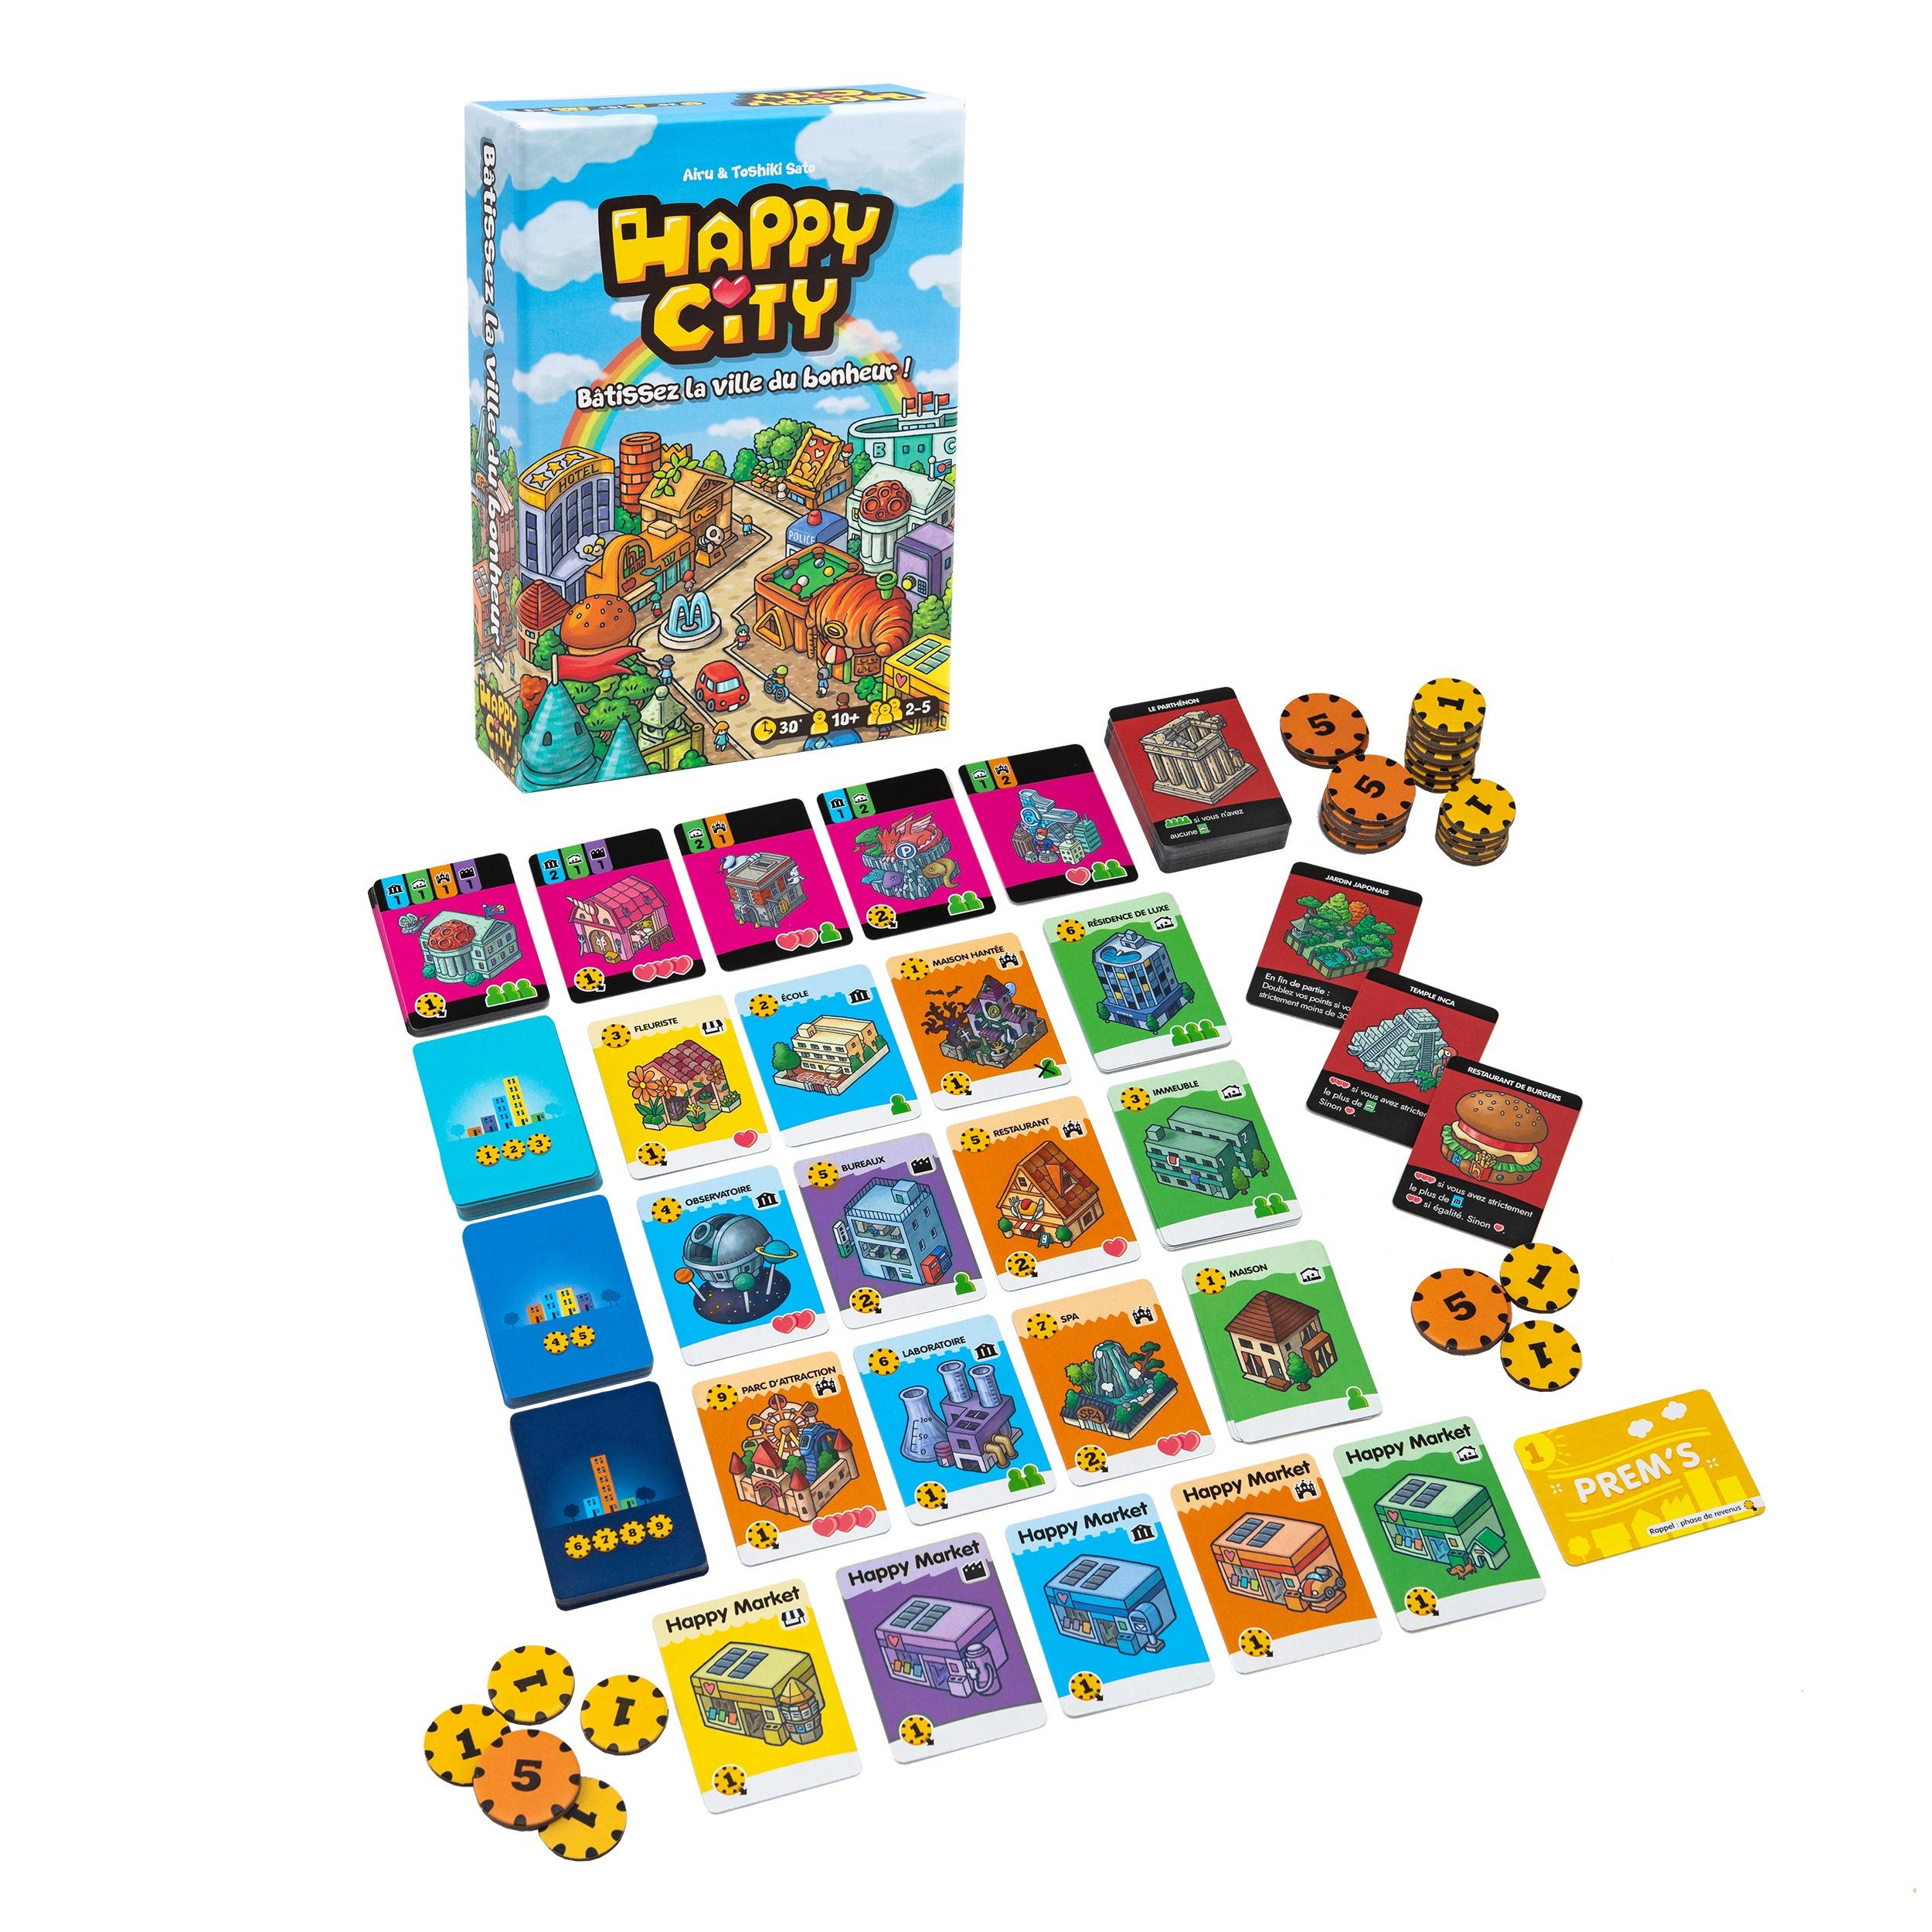 Happy city cocktail games boardgame jeu de société